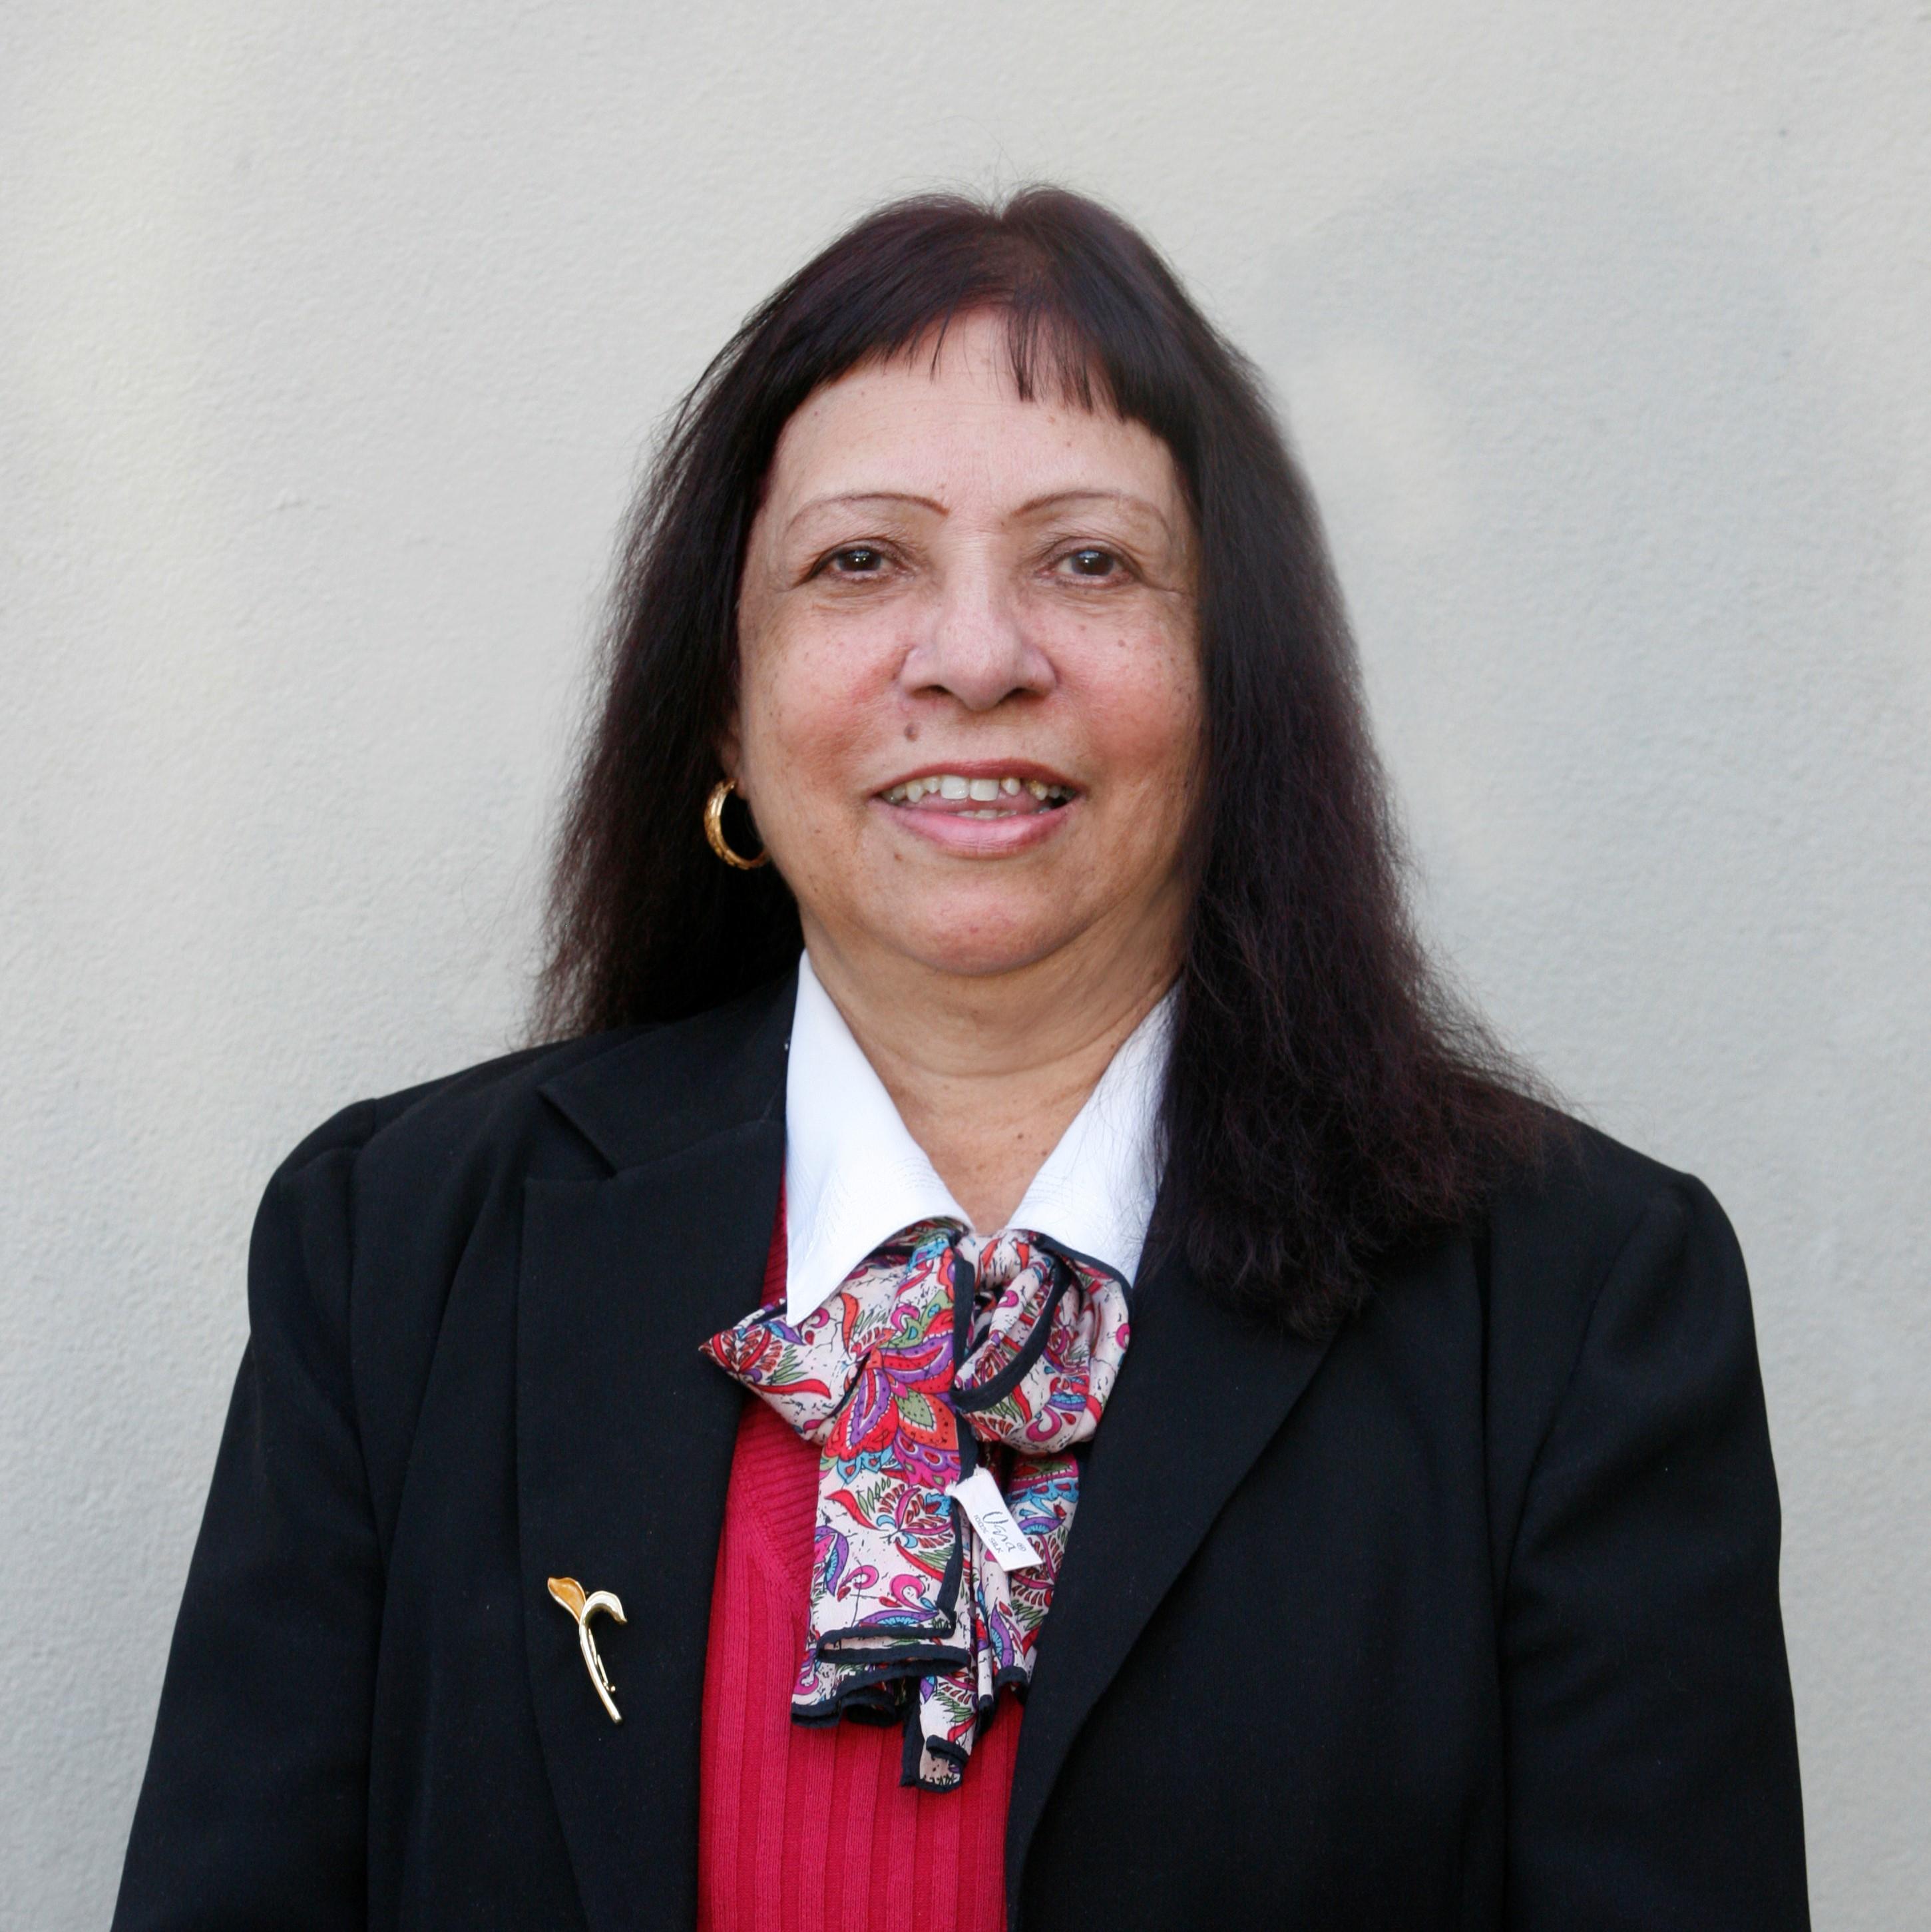 Arlene D'Cruz